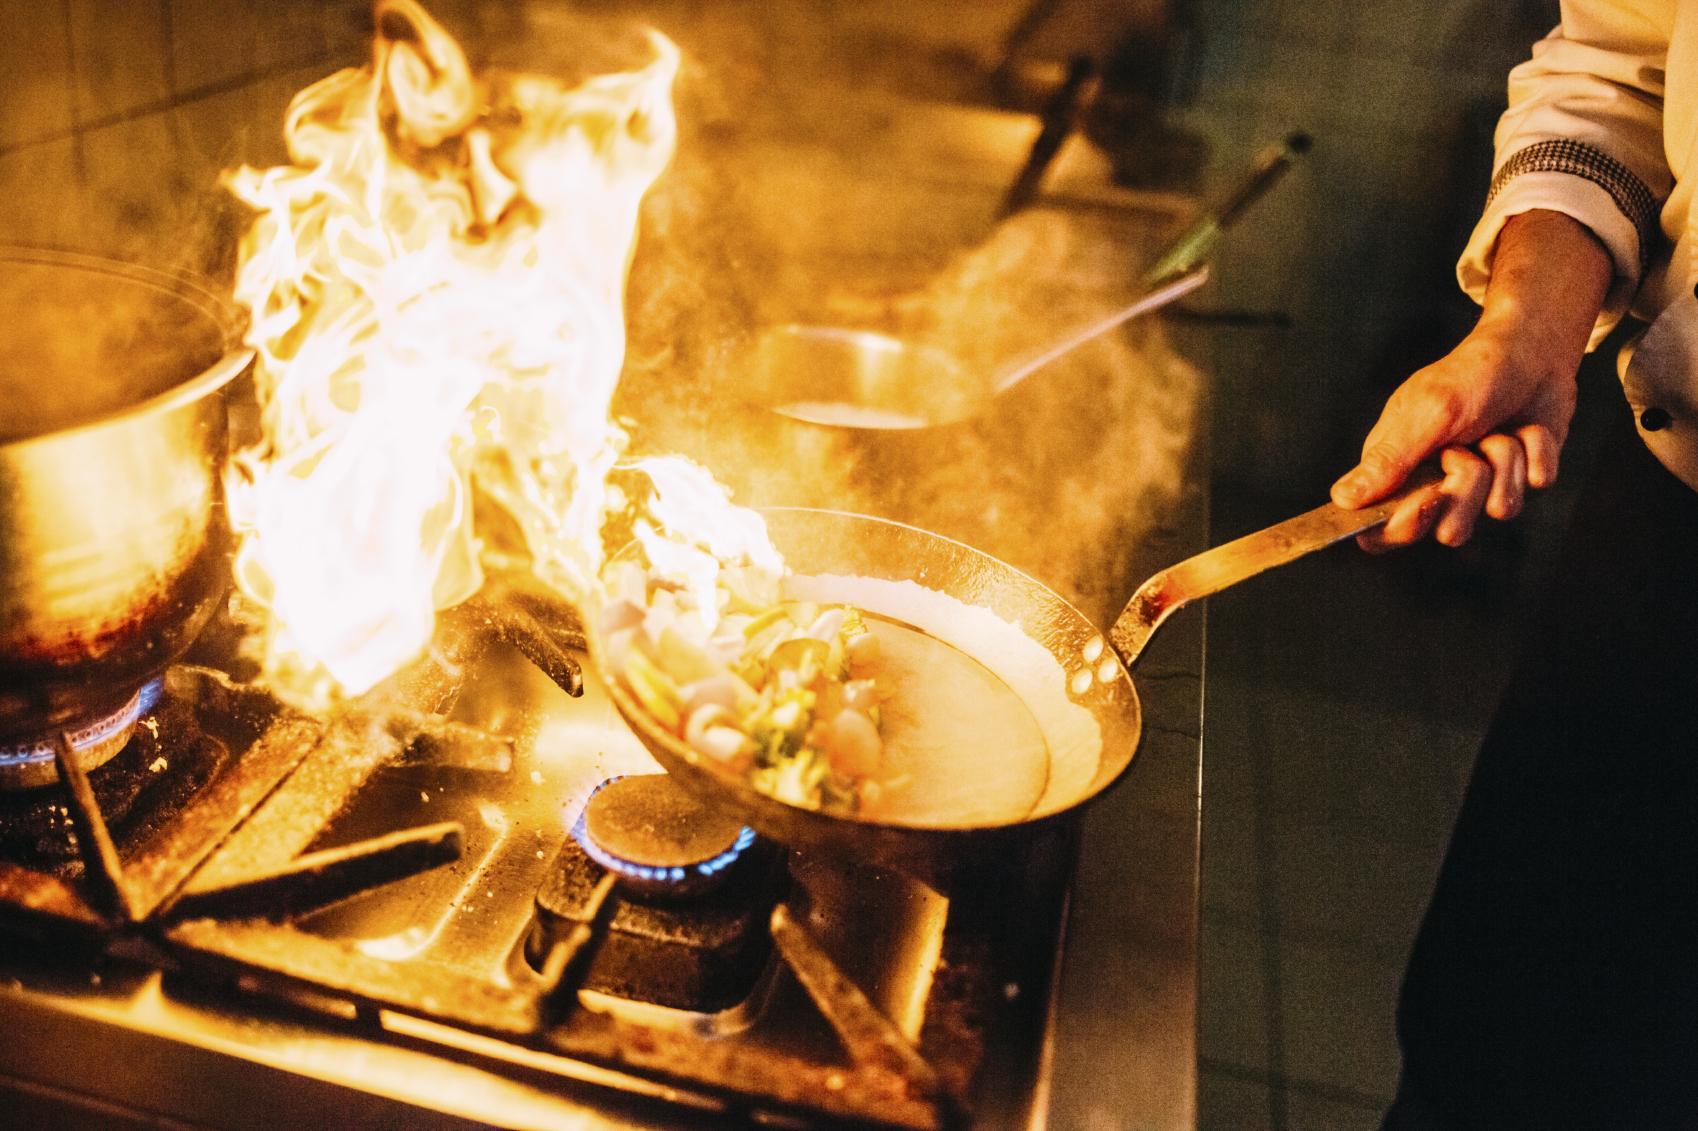 KitchenFire